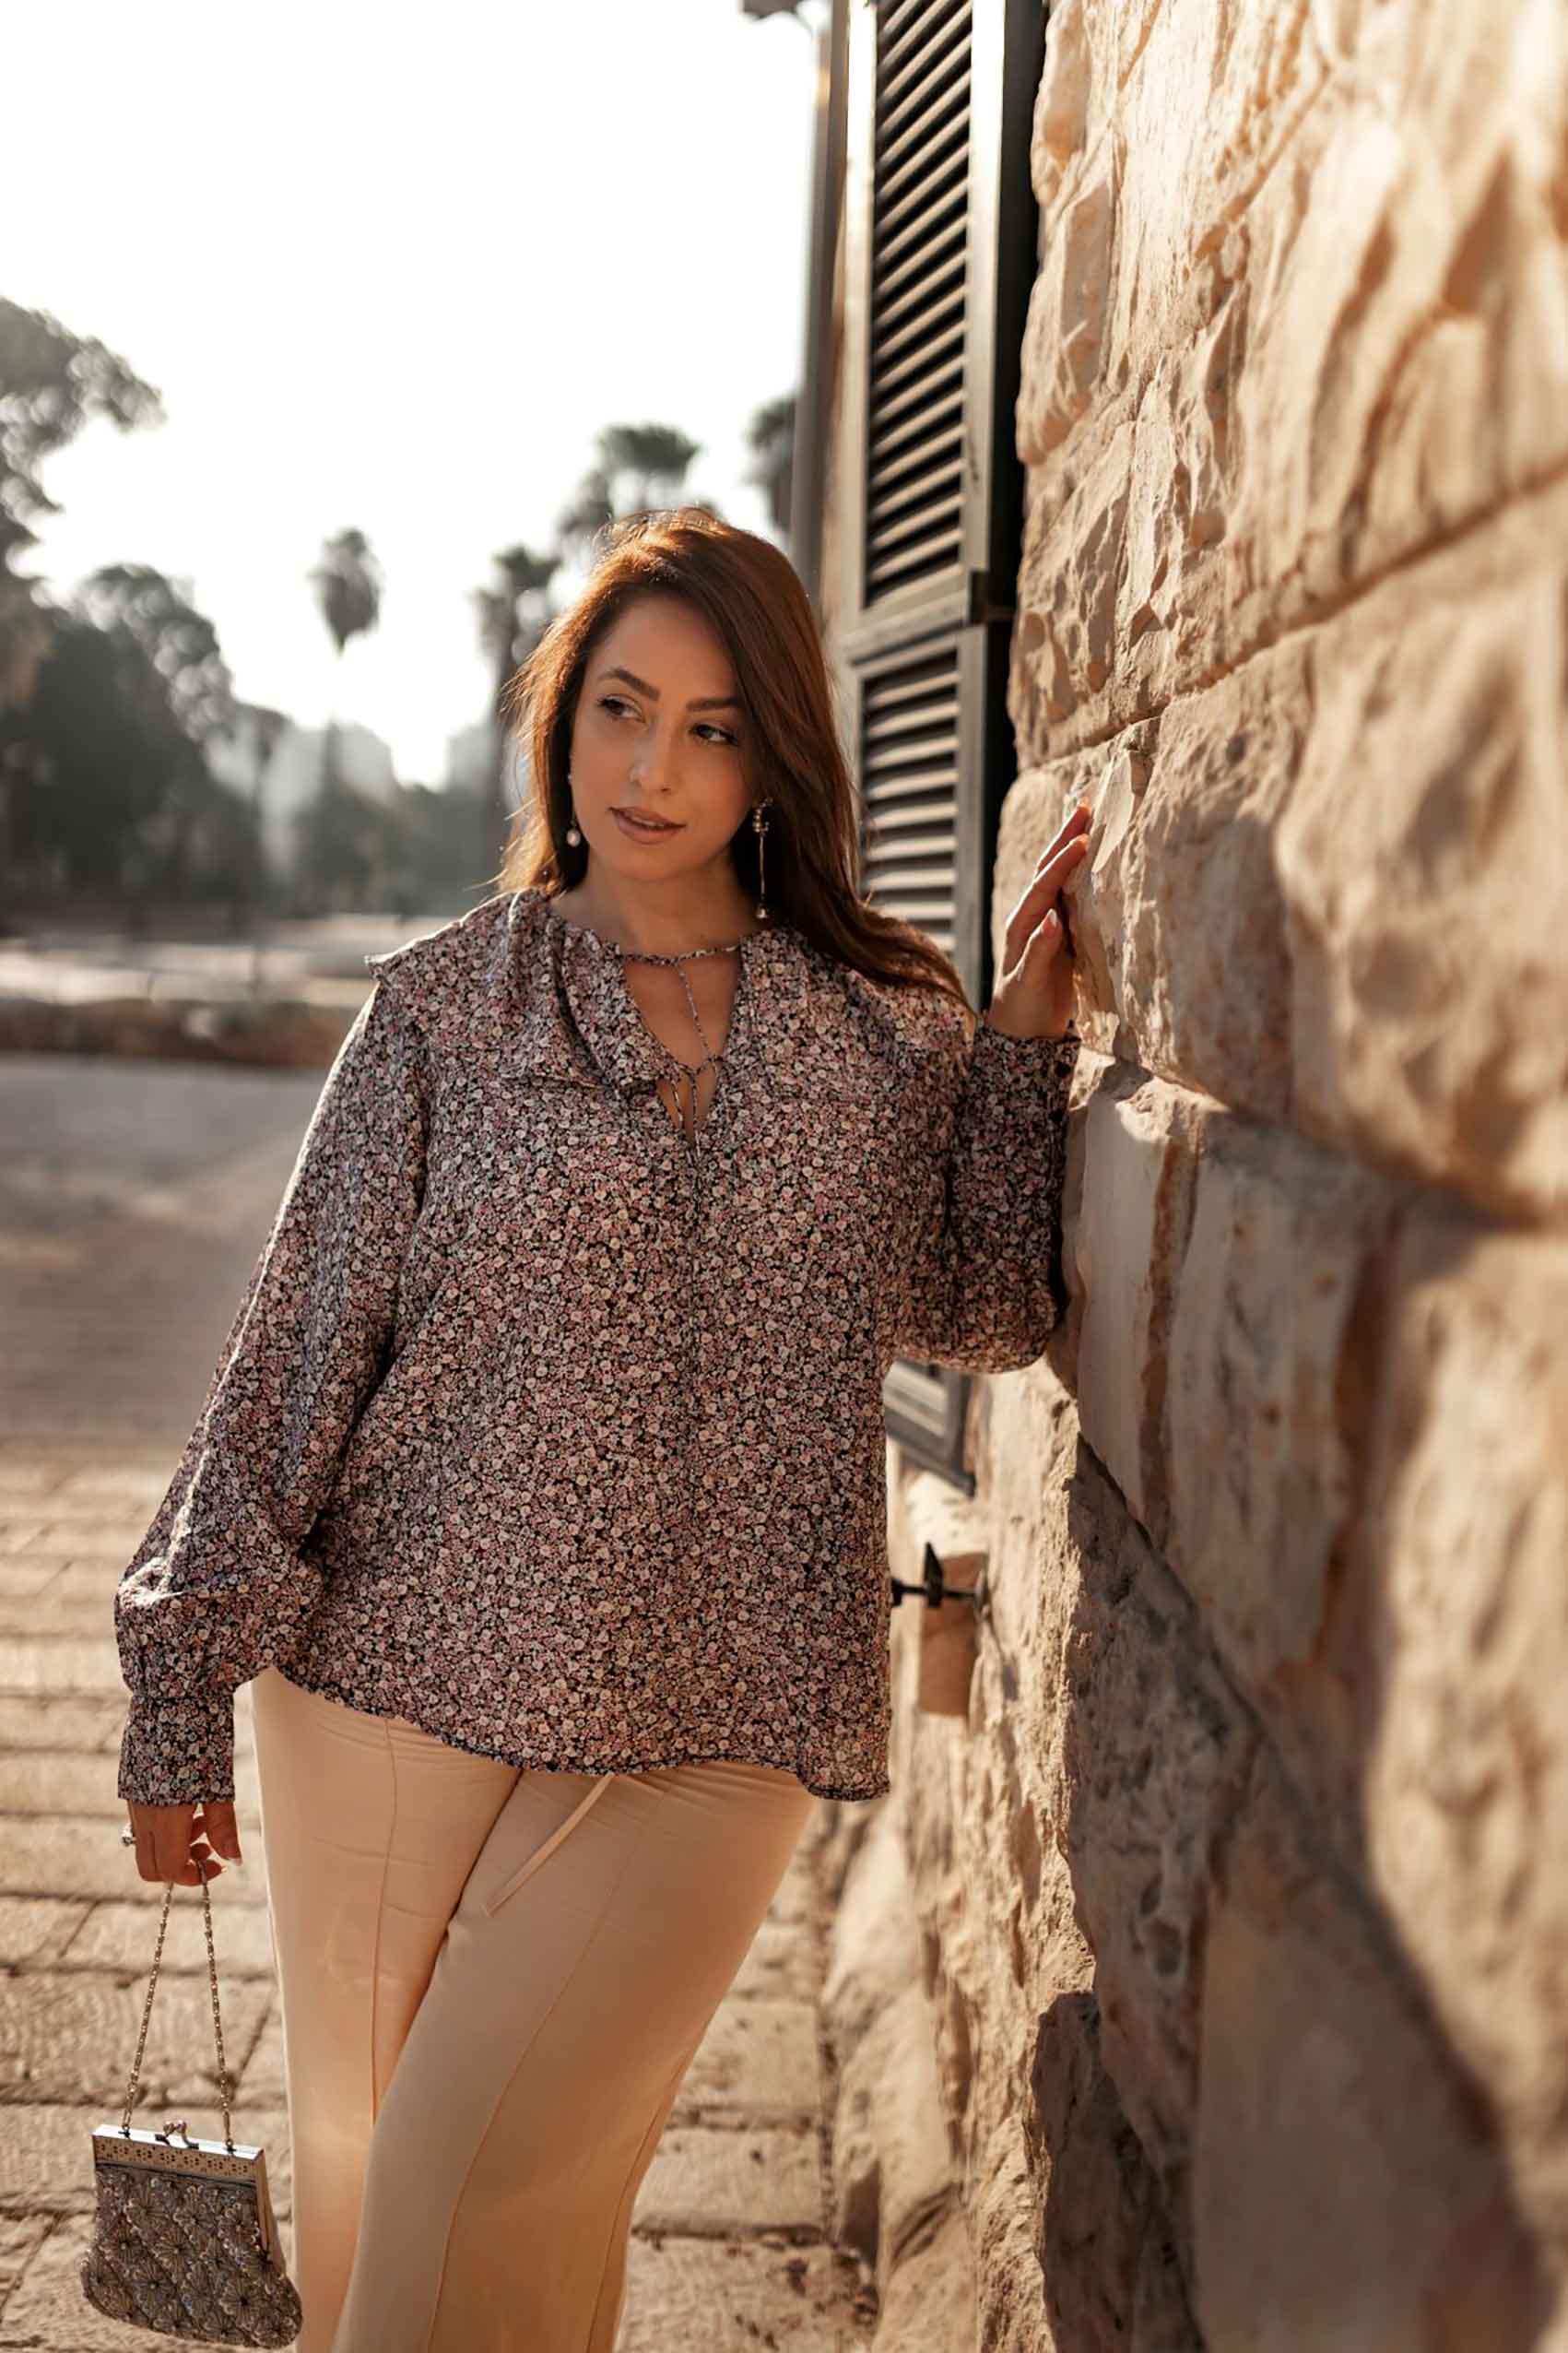 היום החמישי. טלי ארבל ל H&M ישראל, צילום: אירה גרמיצקיך חולצה פרחונית בשילוב מכנסי האריג הקרמיים ותיק וינטג' – מתכון מובטח למראה רומנטי עם אדג'.  - 1